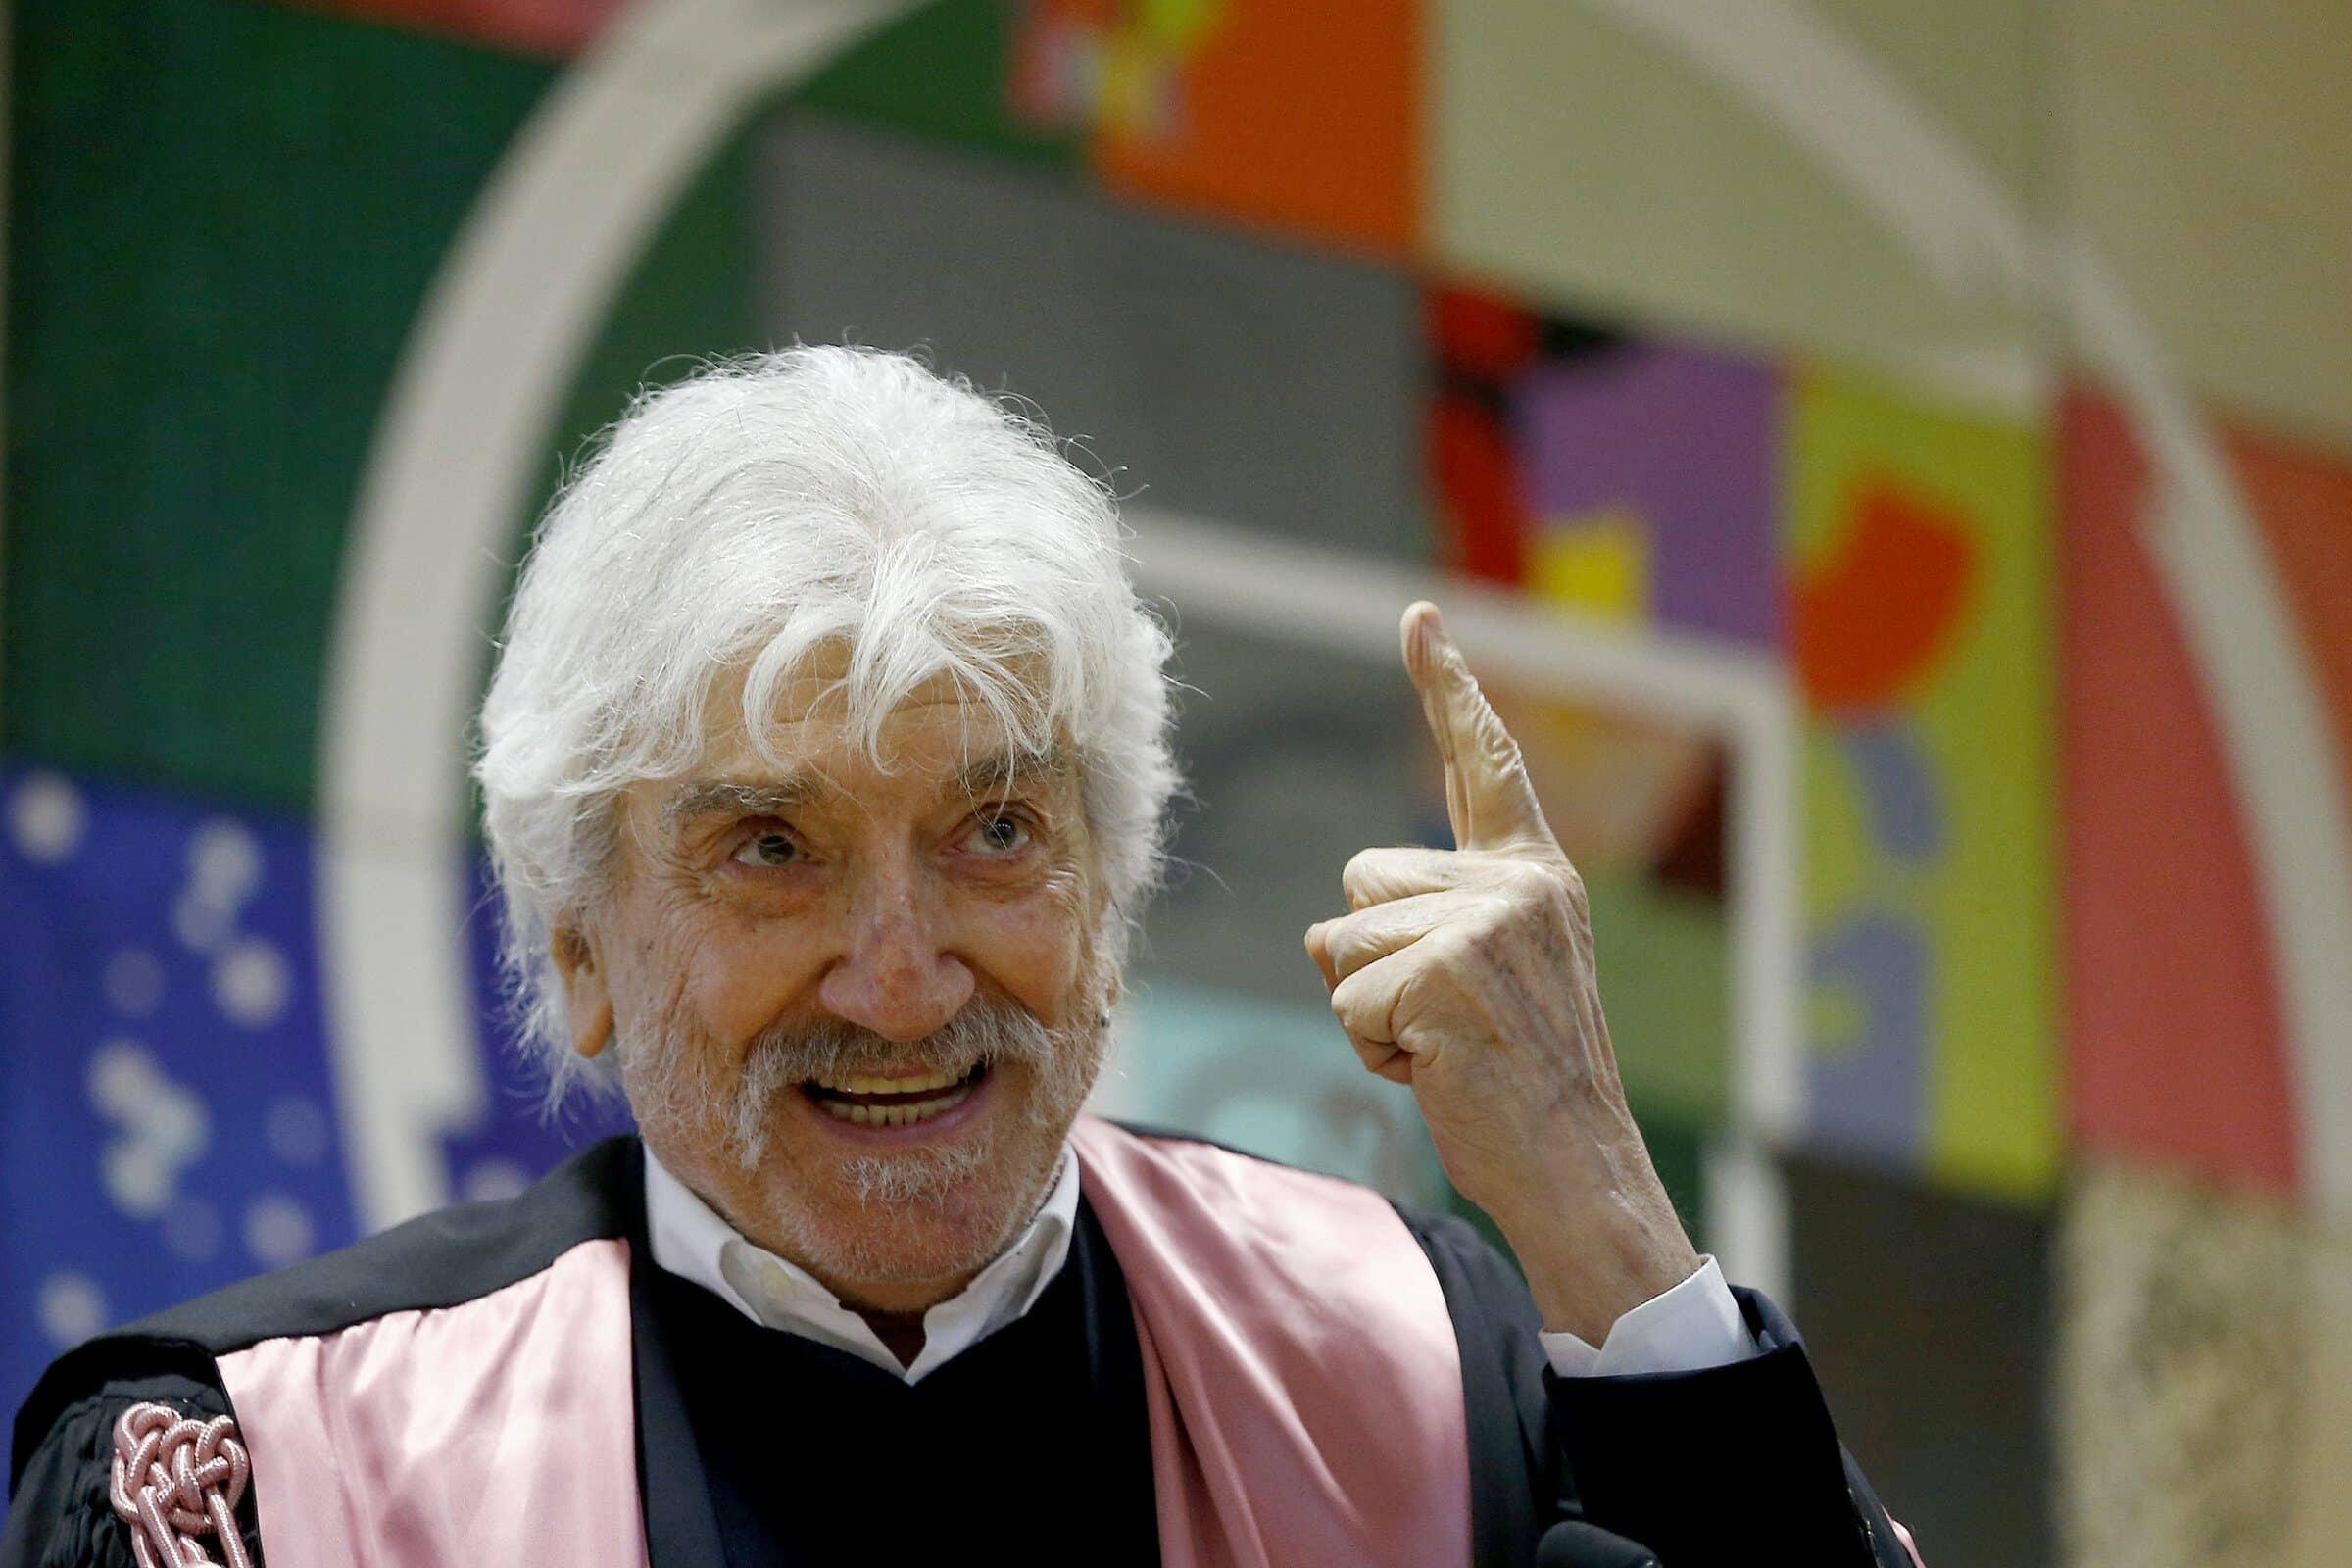 L'ultima mandrakata, Gigi Proietti è morto per problemi cardiaci il giorno del suo compleanno, avrebbe compiuto 80 anni